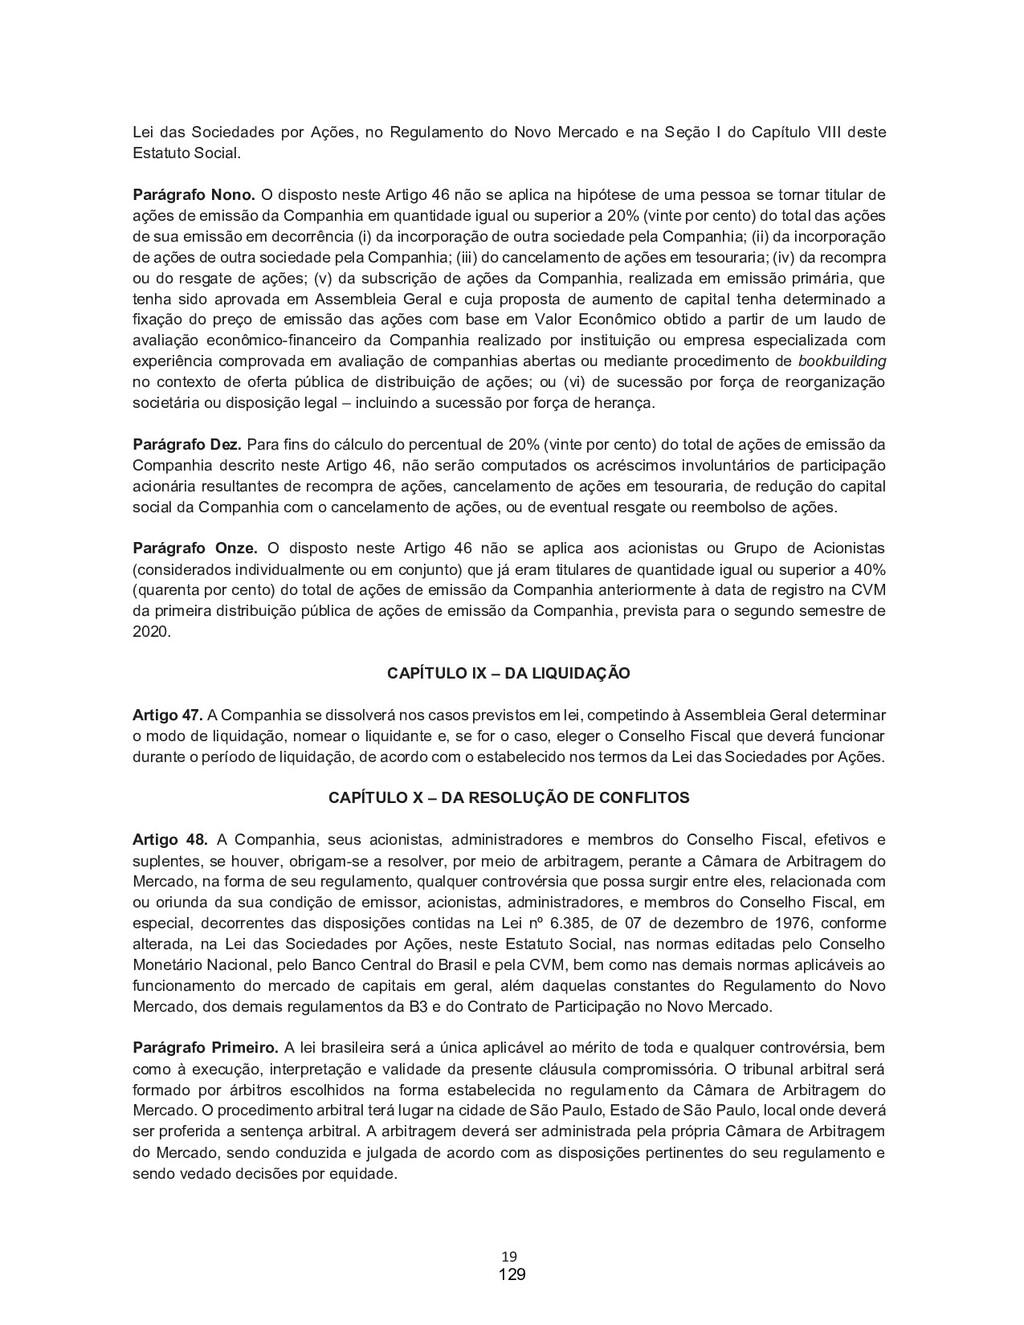 19 Lei das Sociedades por Ações, no Regulamento...